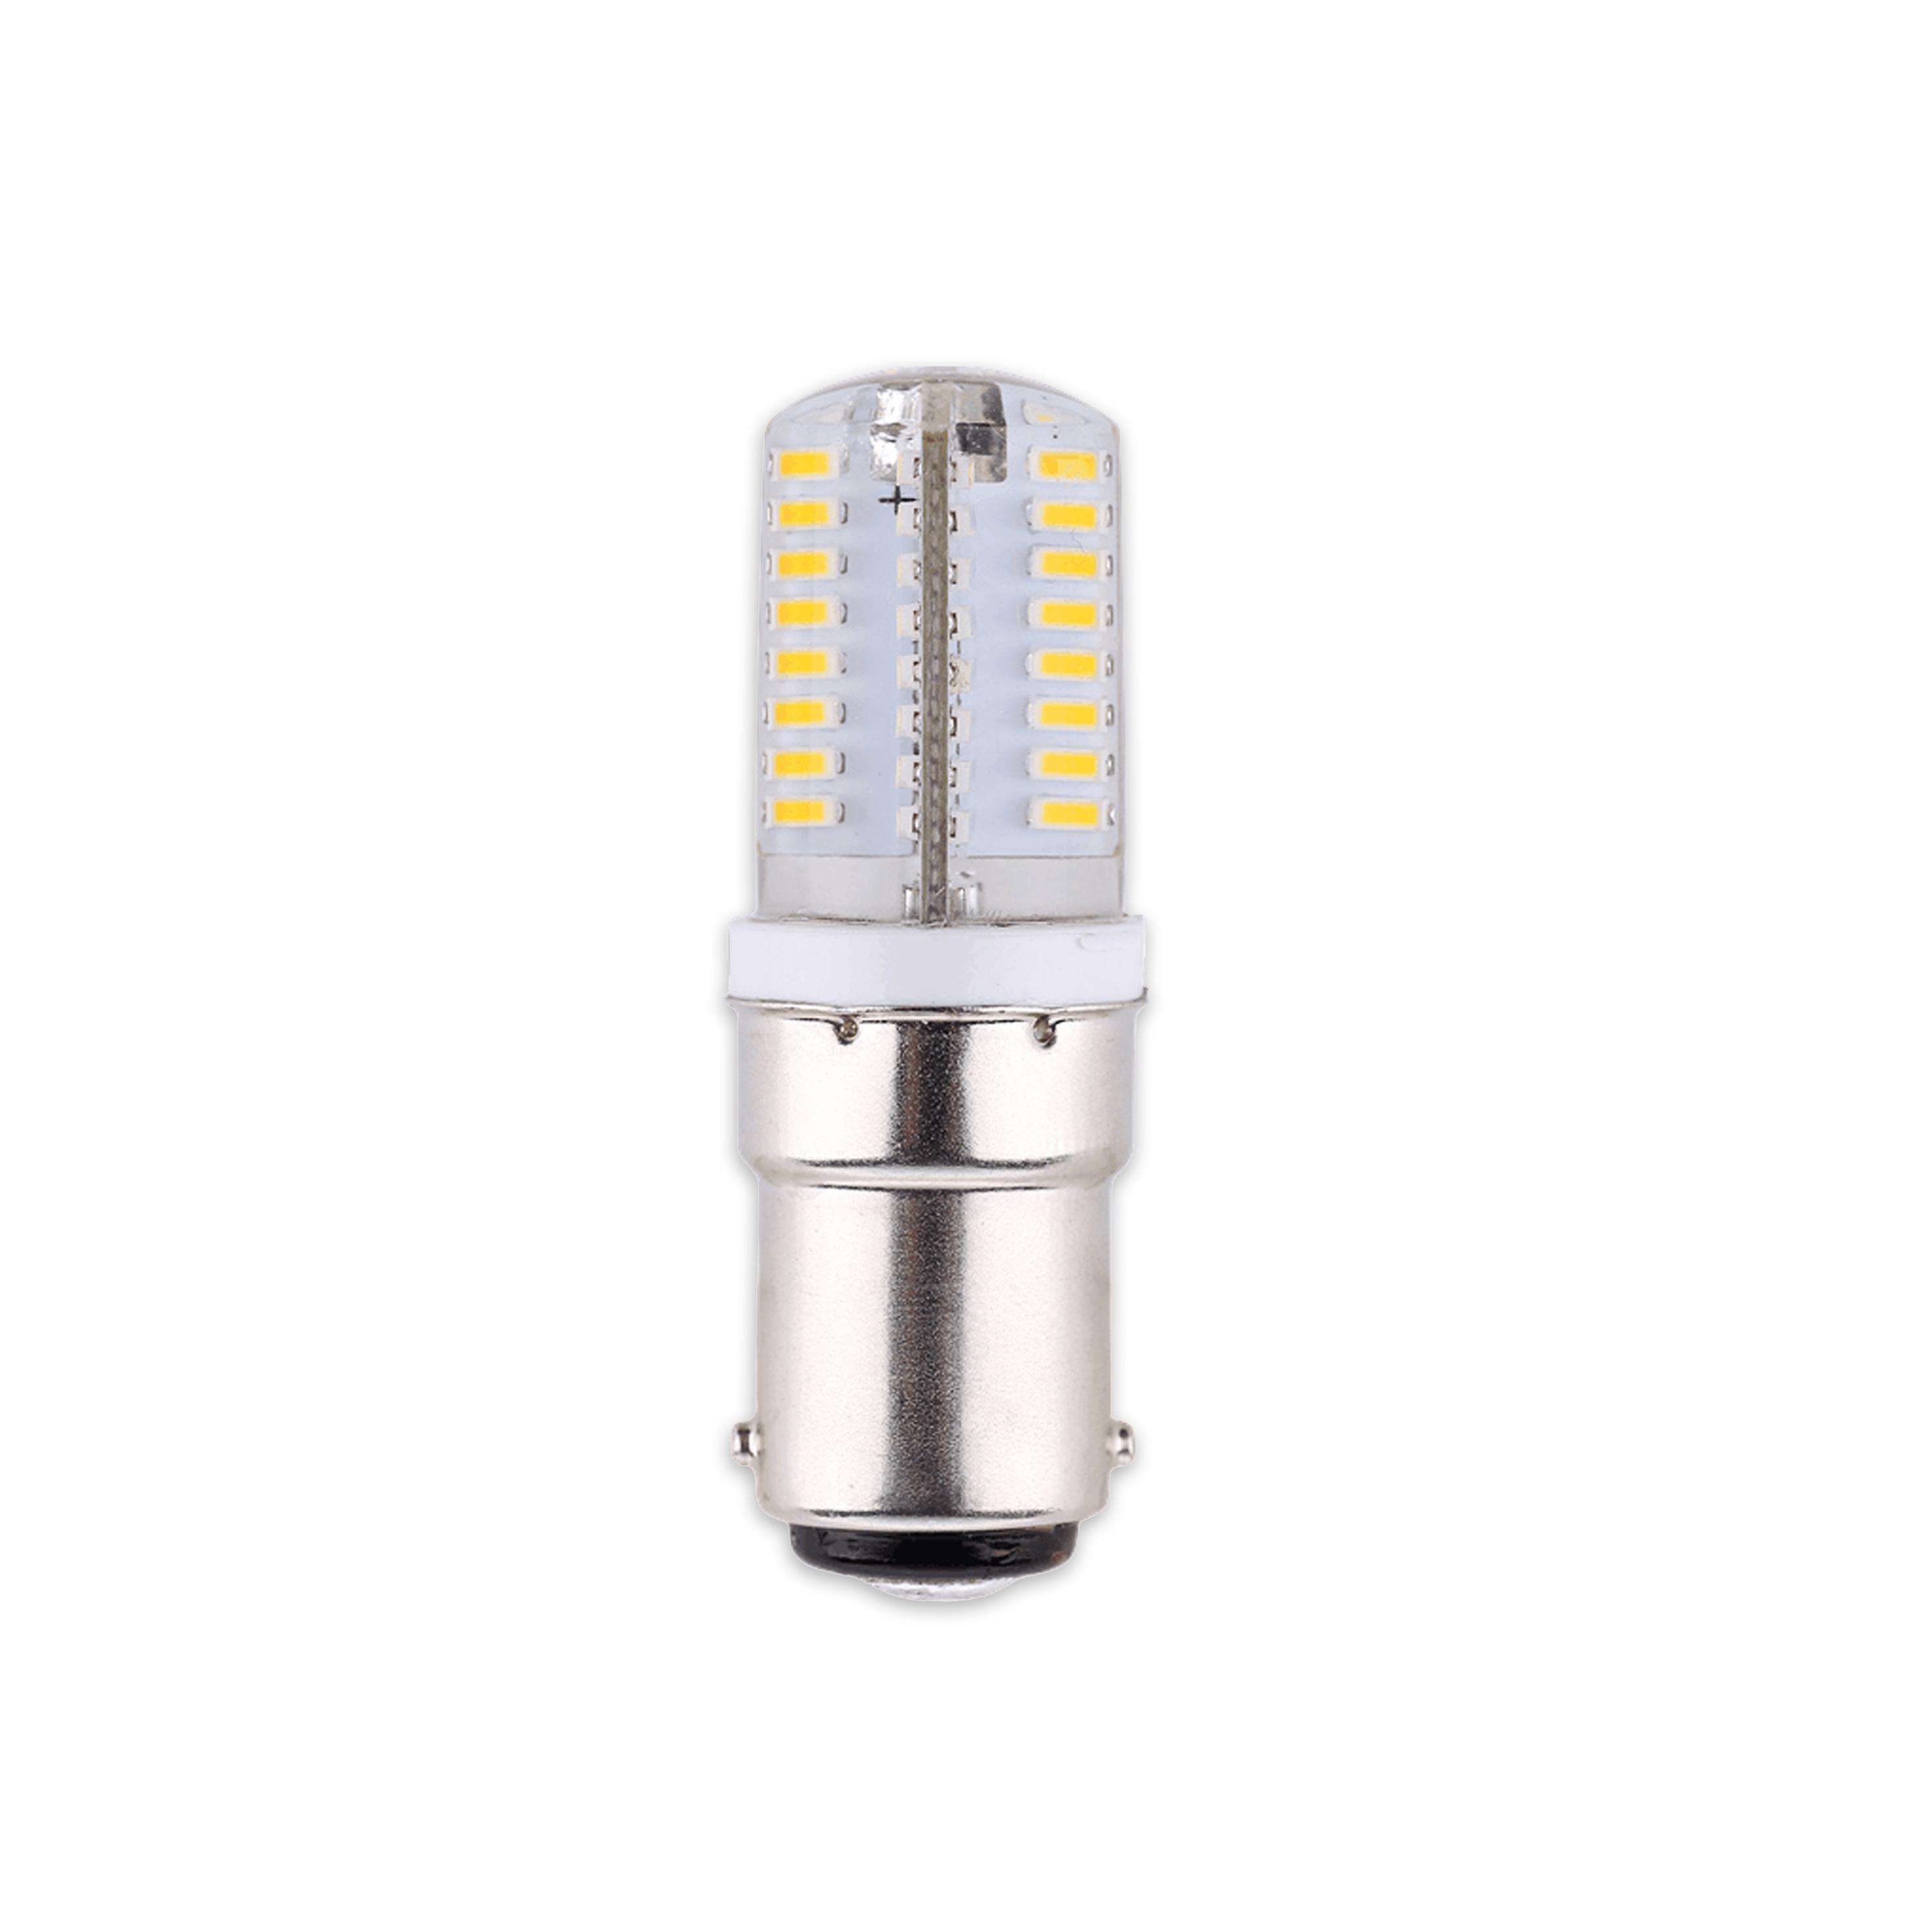 2.5W B15 LED Bulb SMD 3014  led light warm white LED Corn Light